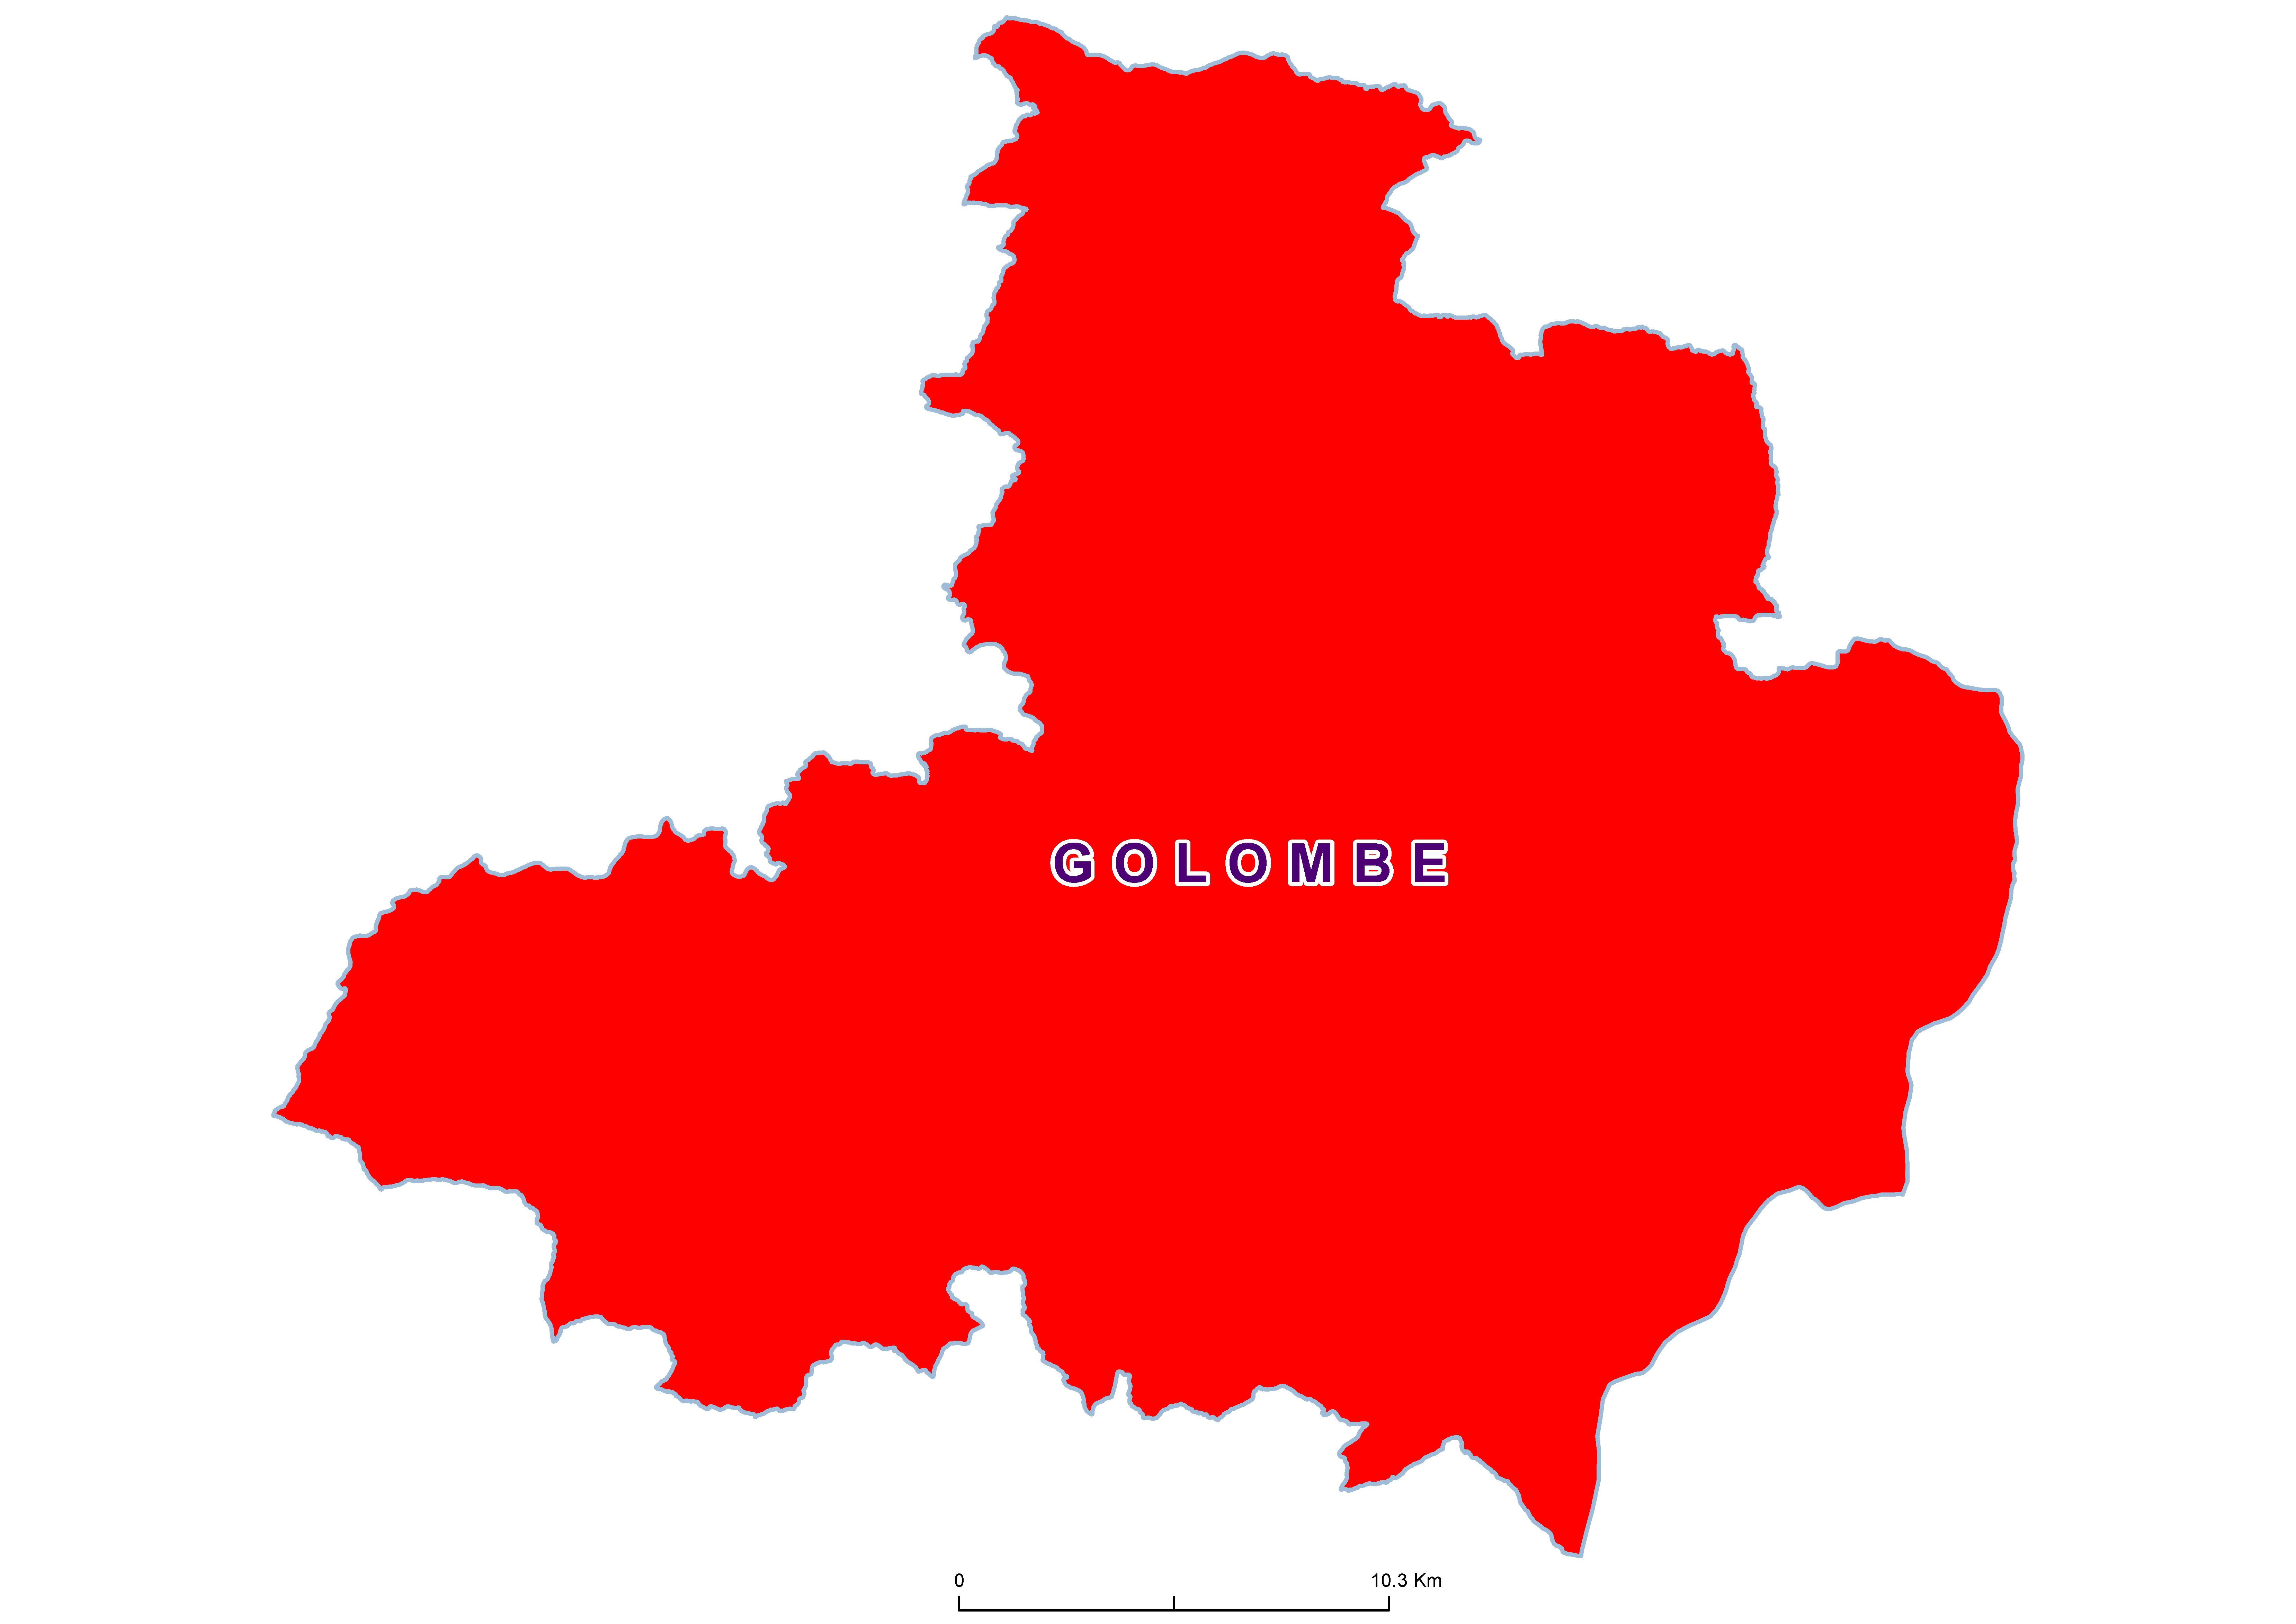 Golombe Mean SCH 19850001